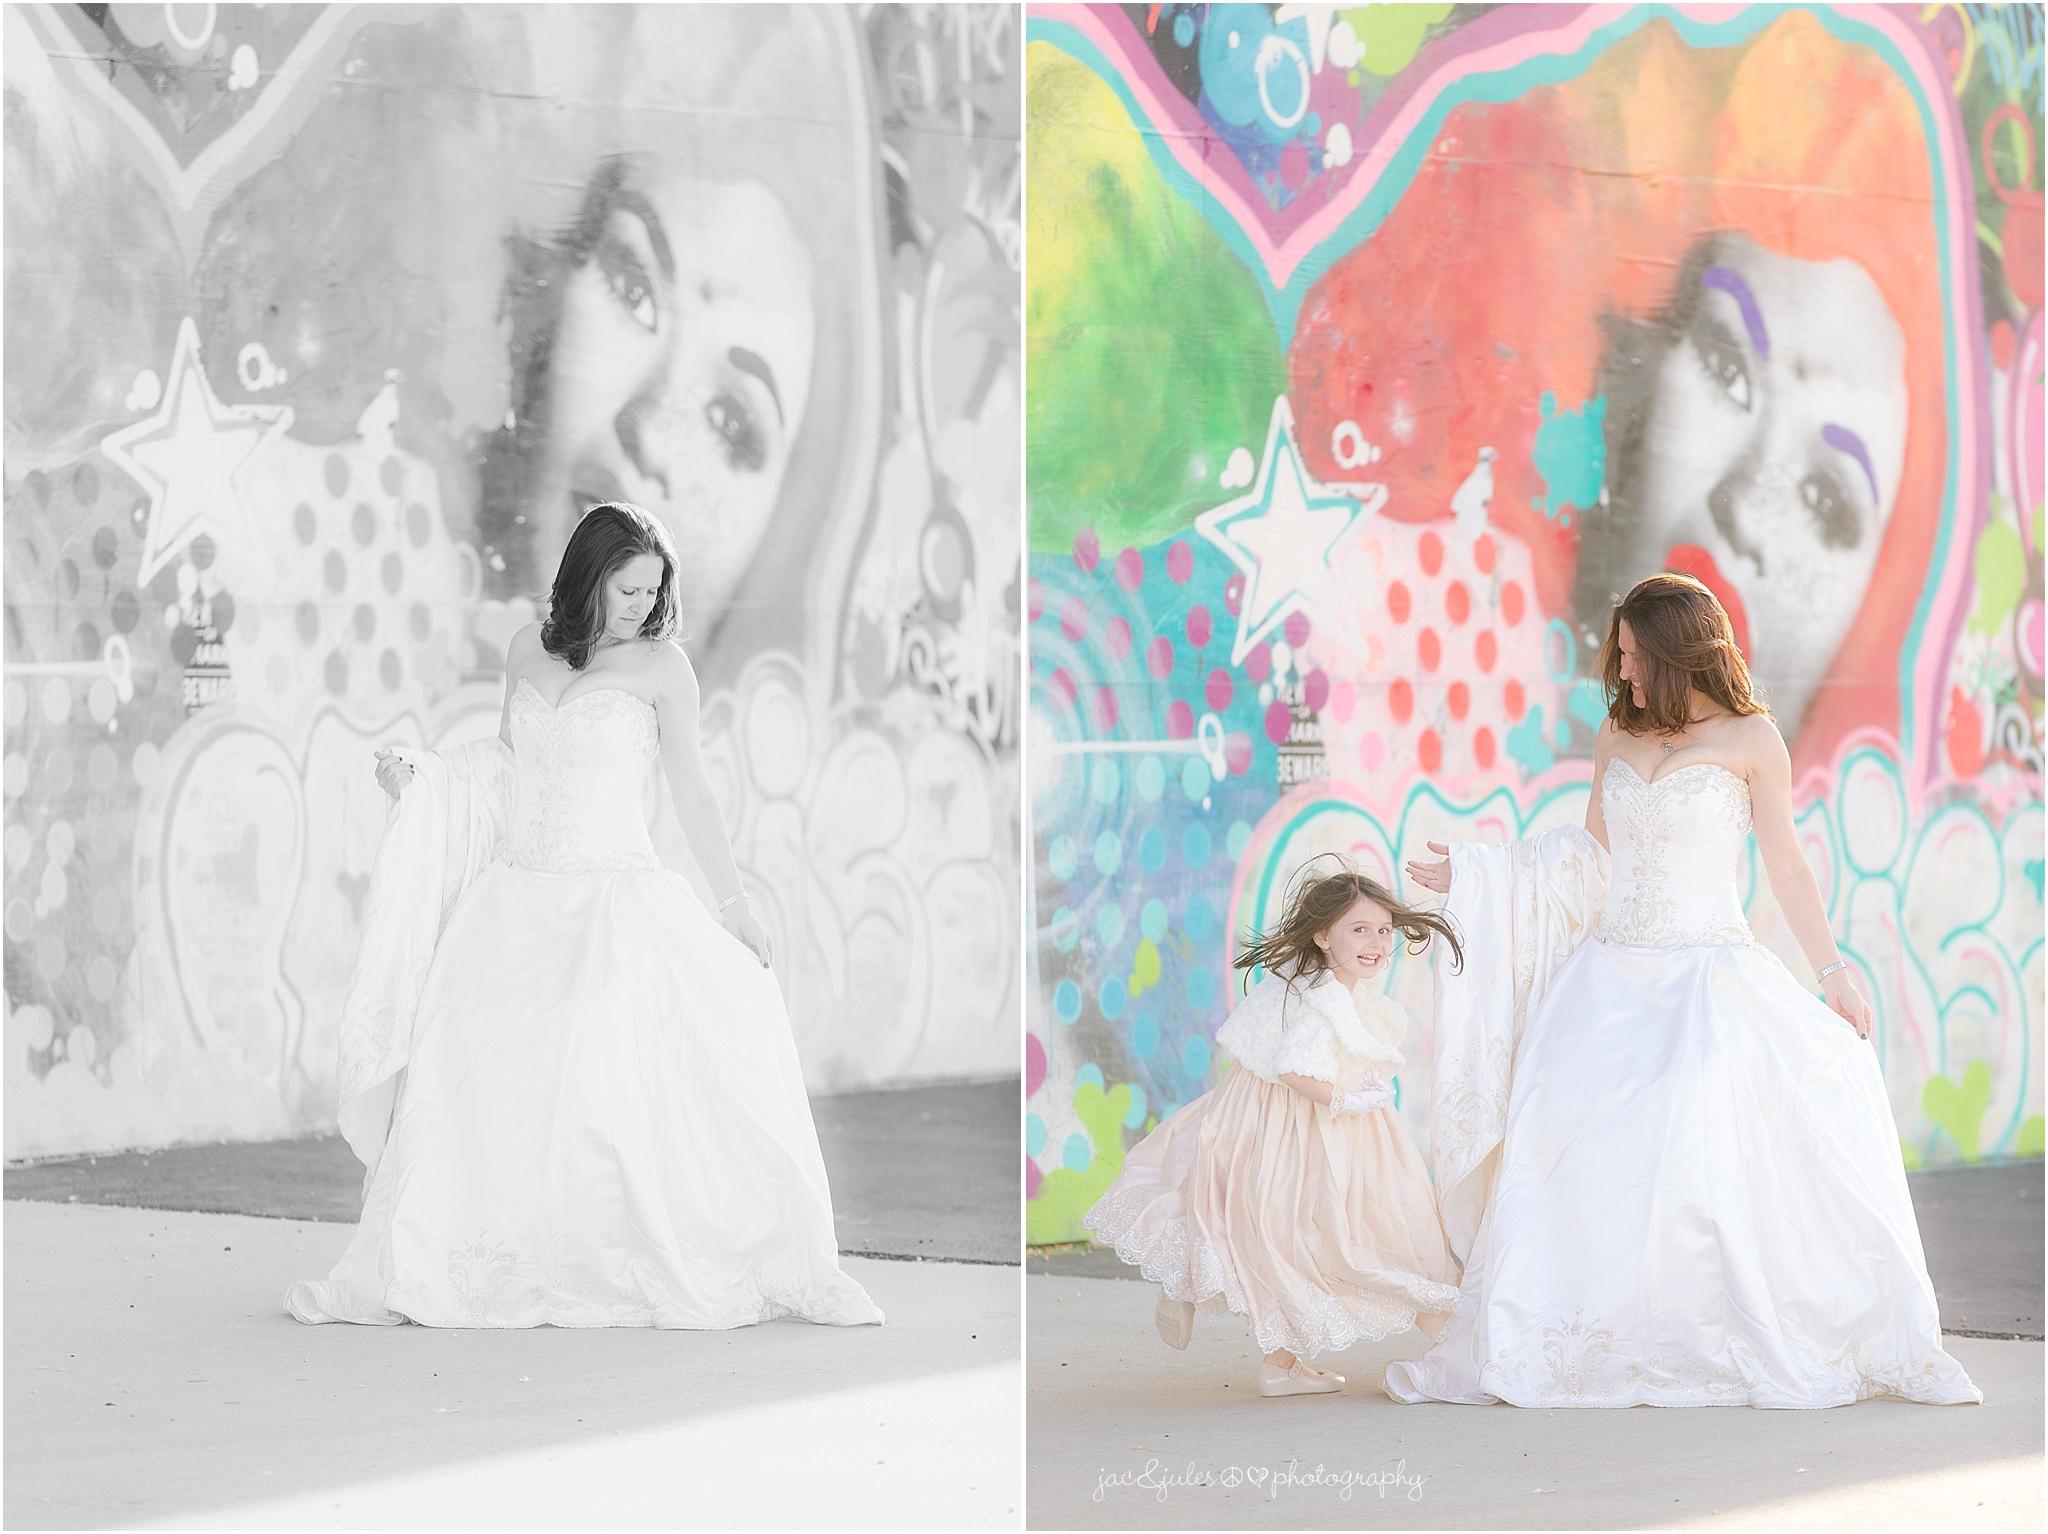 jacnjules photographs a bride near graffiti in Asbury Park NJ